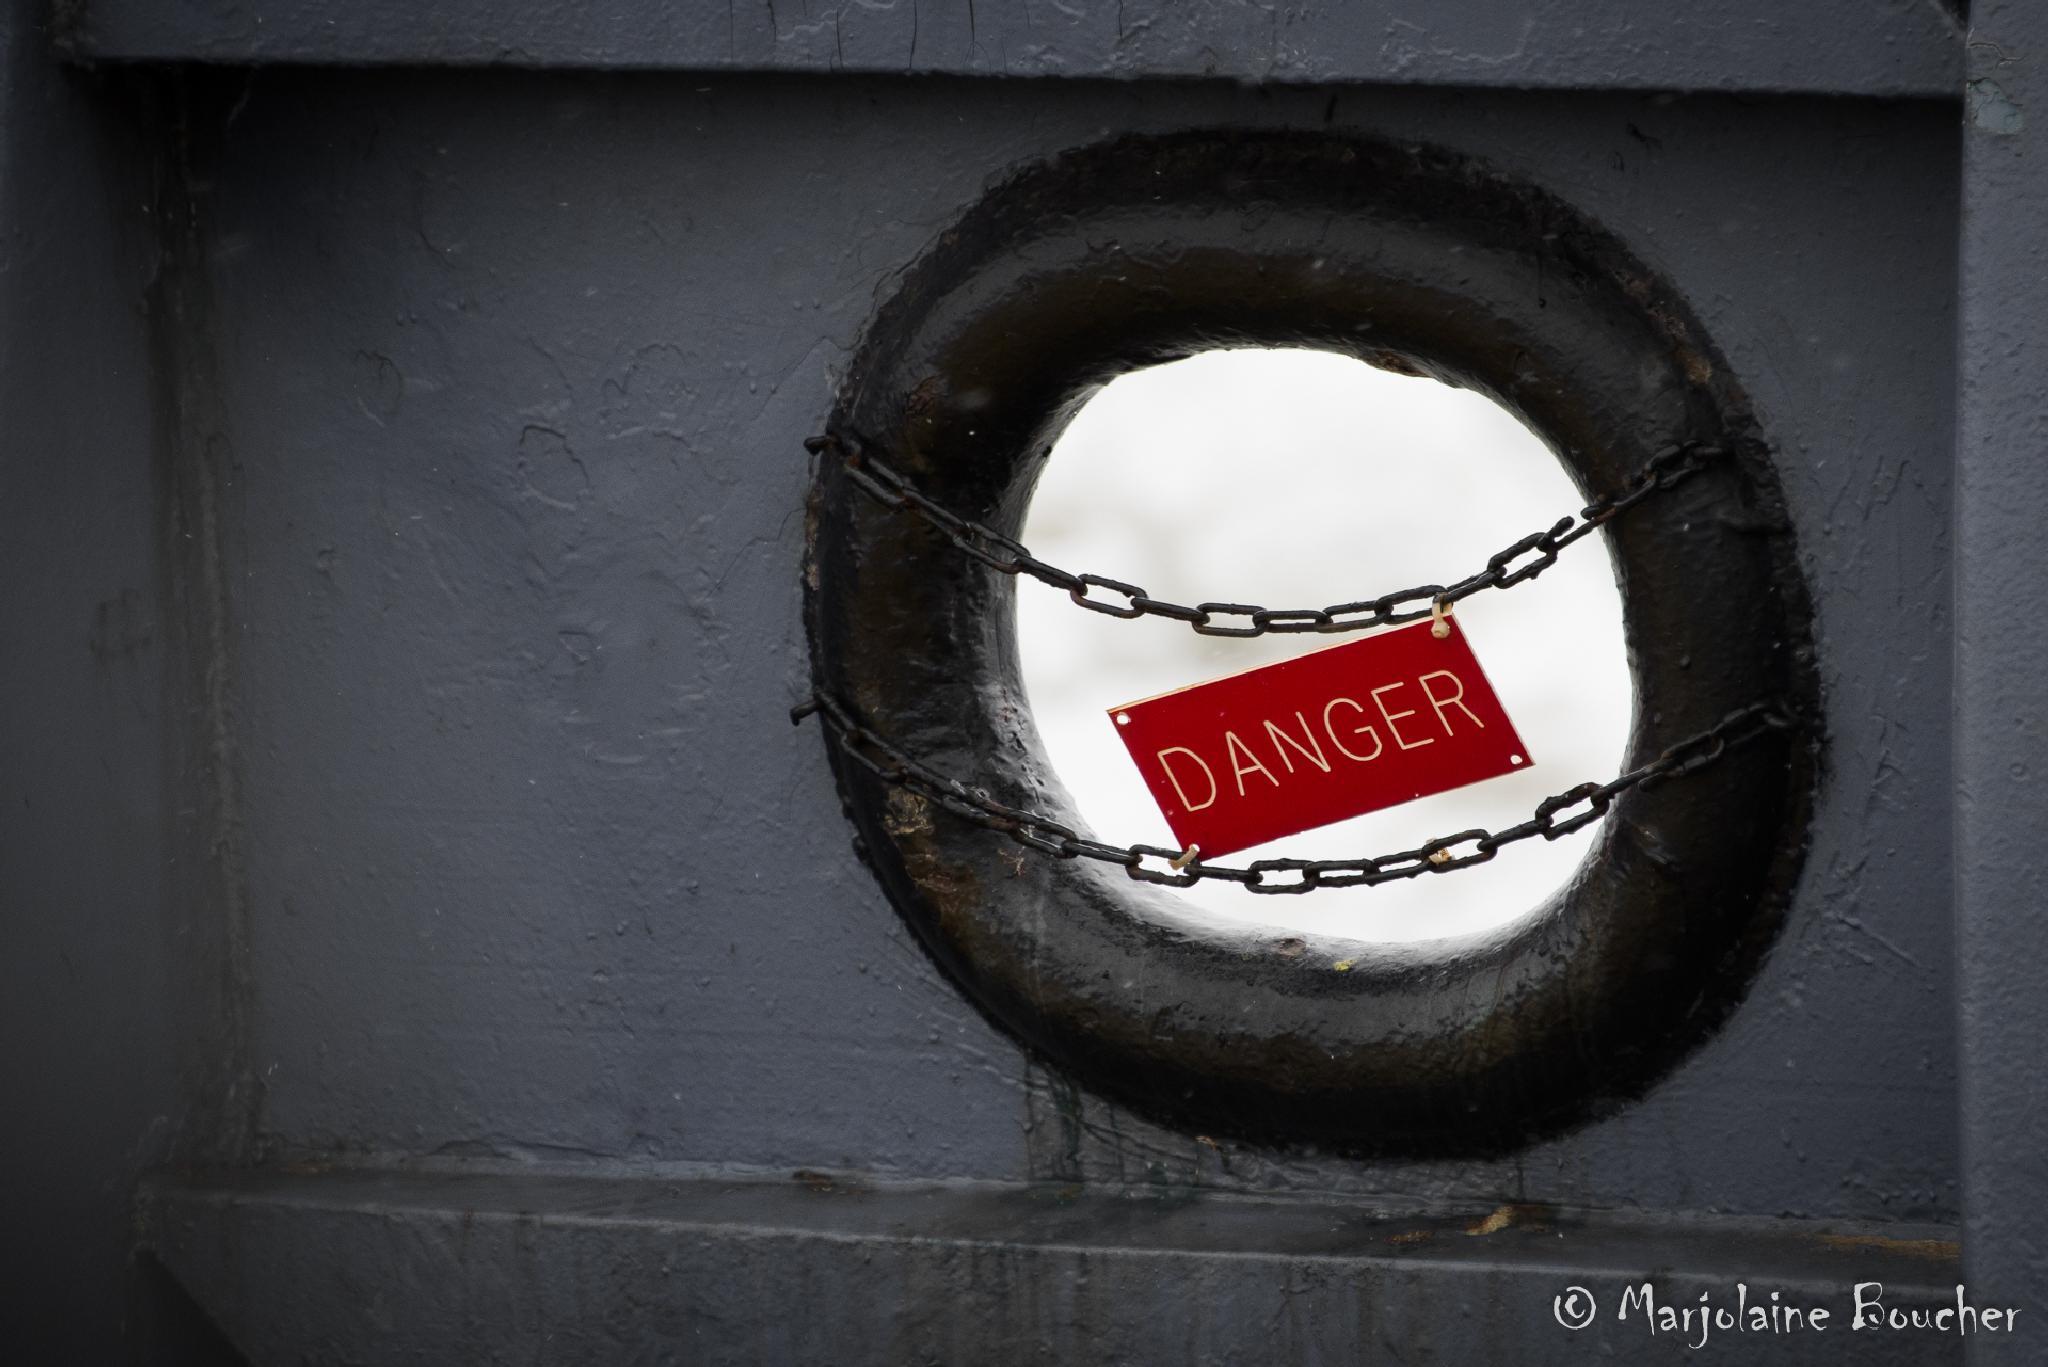 Danger by Marjolaine Boucher